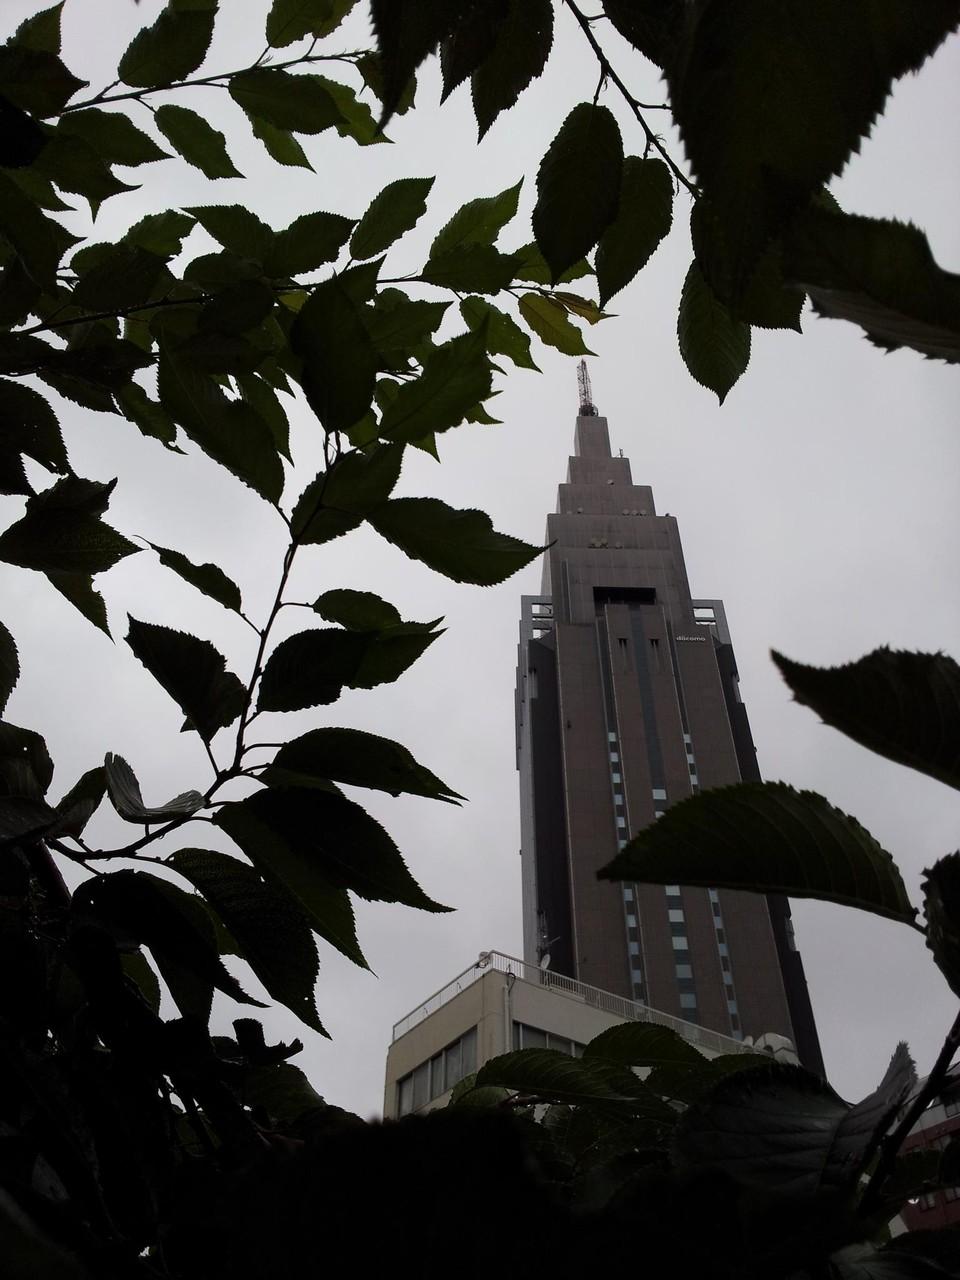 梅雨らしい空でつが、この後回復の見込みだって。 【2012年7月2日】